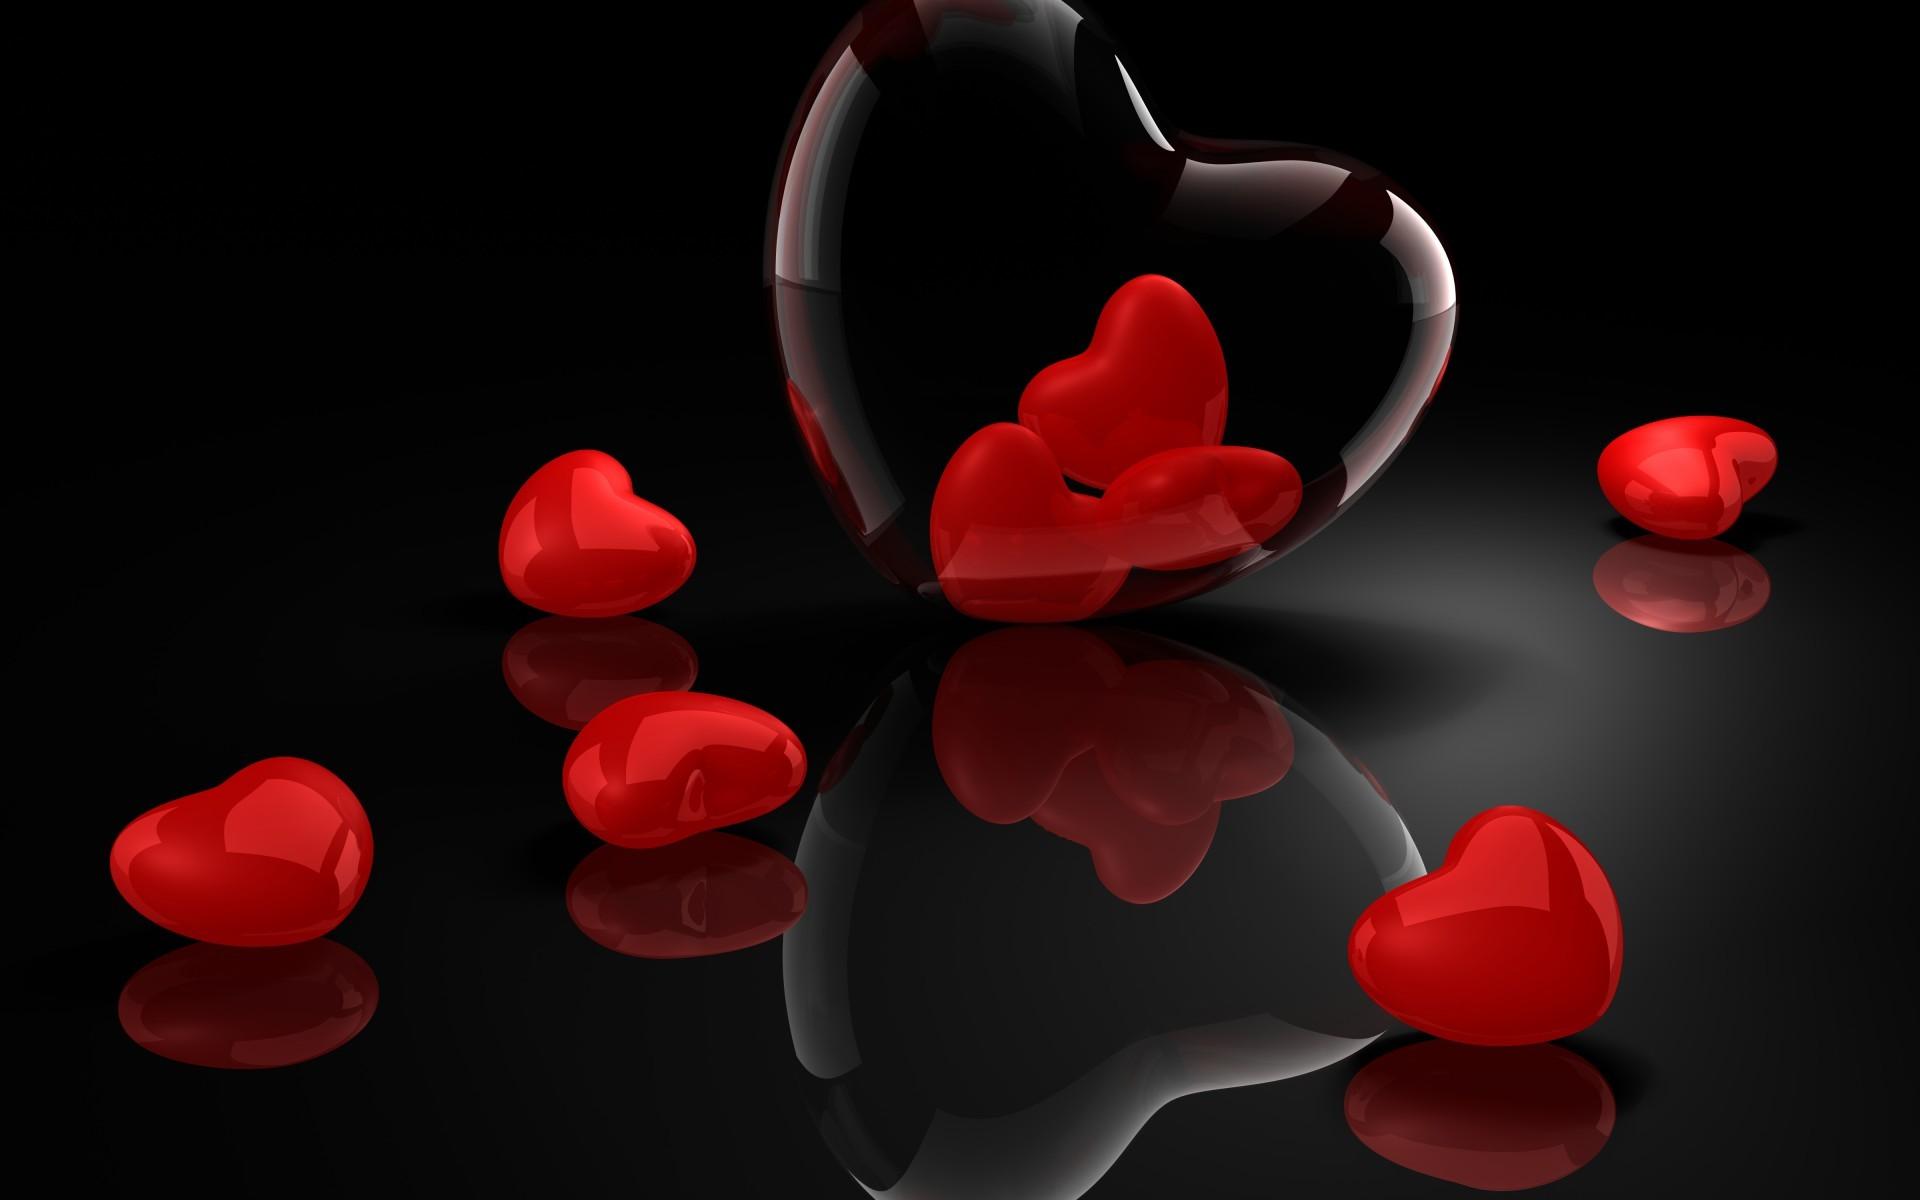 queen of hearts wallpaper